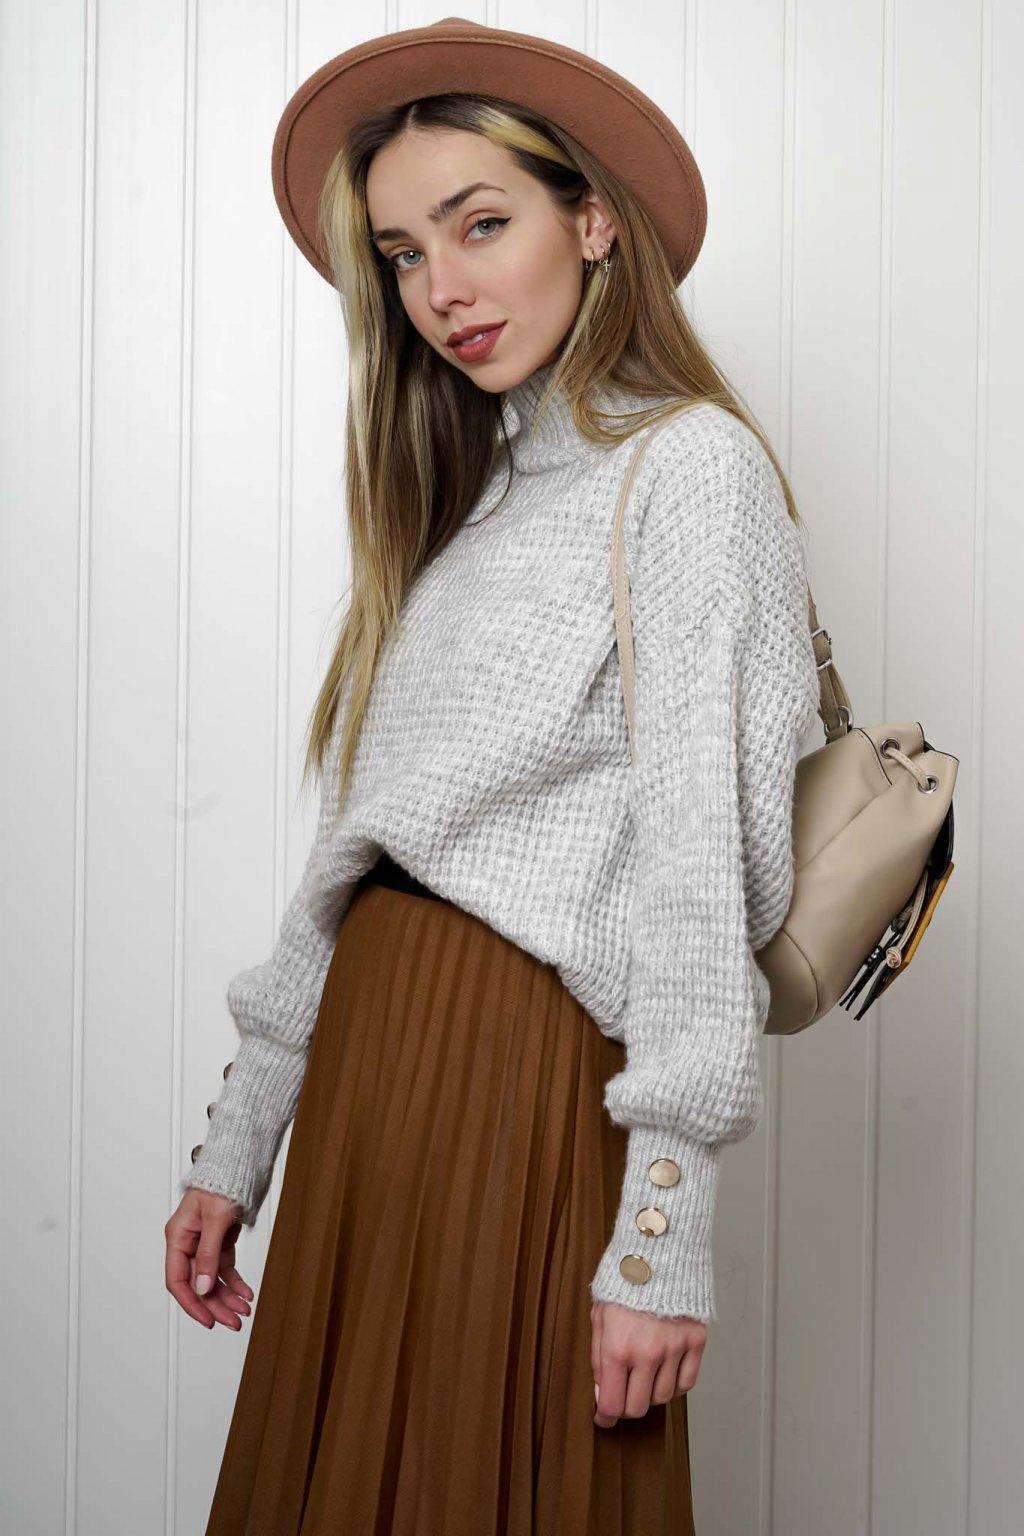 sveter, svetrík, sveter dámsky, úplet, úpletový sveter, jednoduchý sveter, v výstríh, štýlový, chlpatý,vzorovaný, srdiečkový, čierny, biely, farebný, 143